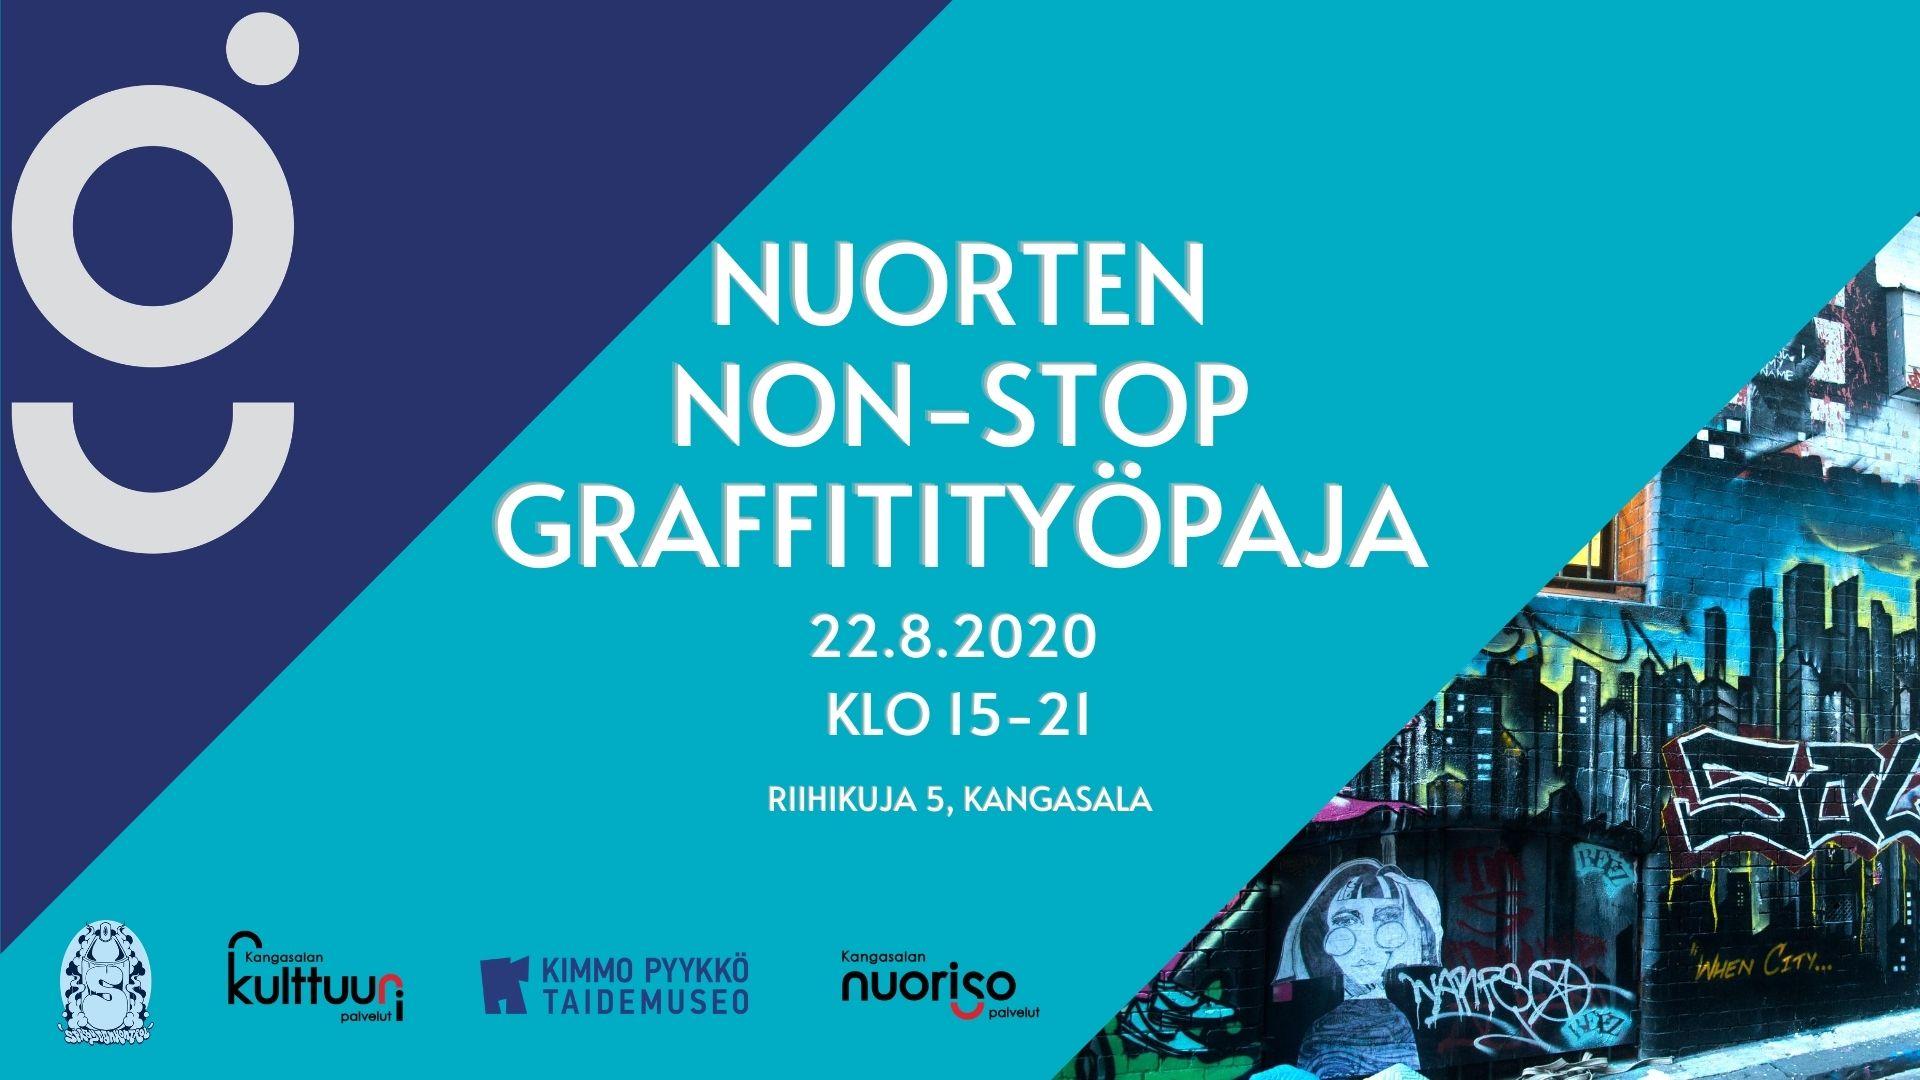 Nuorten non-stop graffitityöpaja 22.8.2020.